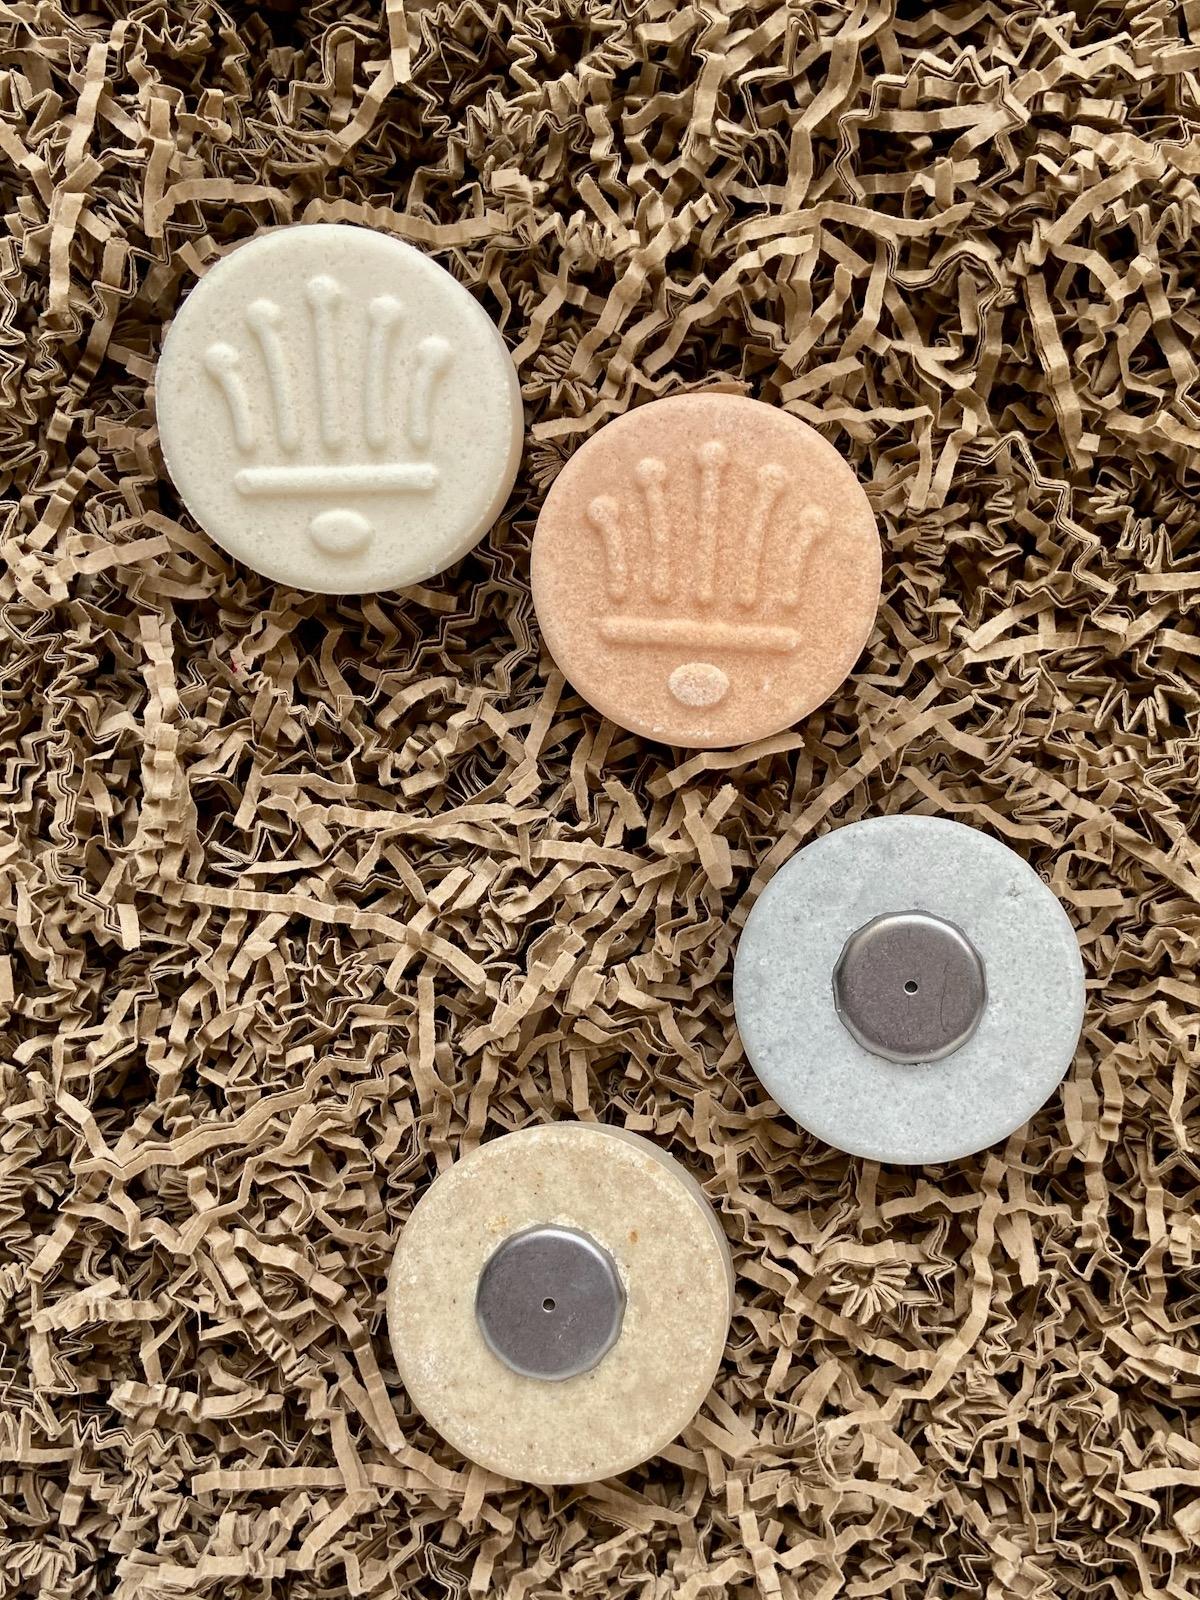 Naturseifen Manufaktur Uckermark Rosen-Shampoo Frucht-Shampoo Lavendel-Shampoo Conditioner mit Halter